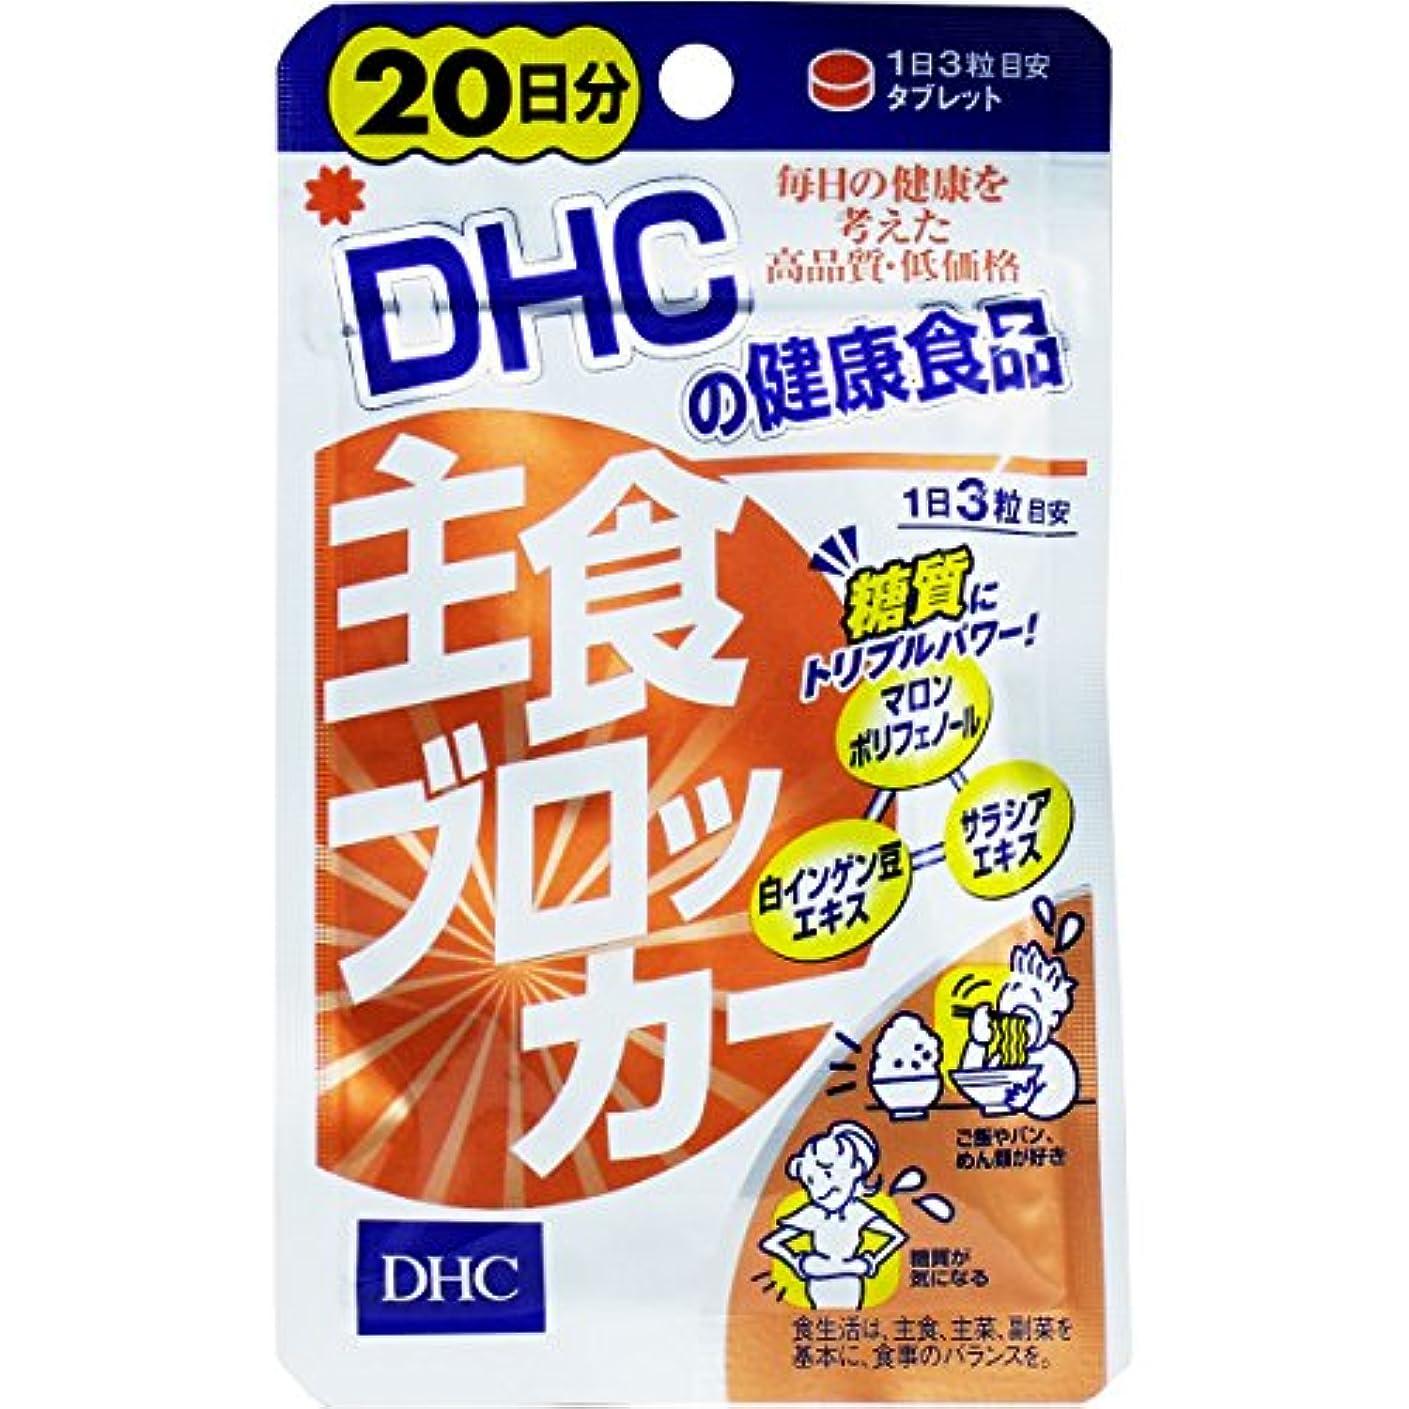 ラフレシアアルノルディロッカータンクダイエット トリプルパワーでため込み対策 栄養機能食品 DHC 主食ブロッカー 20日分 60粒入【2個セット】